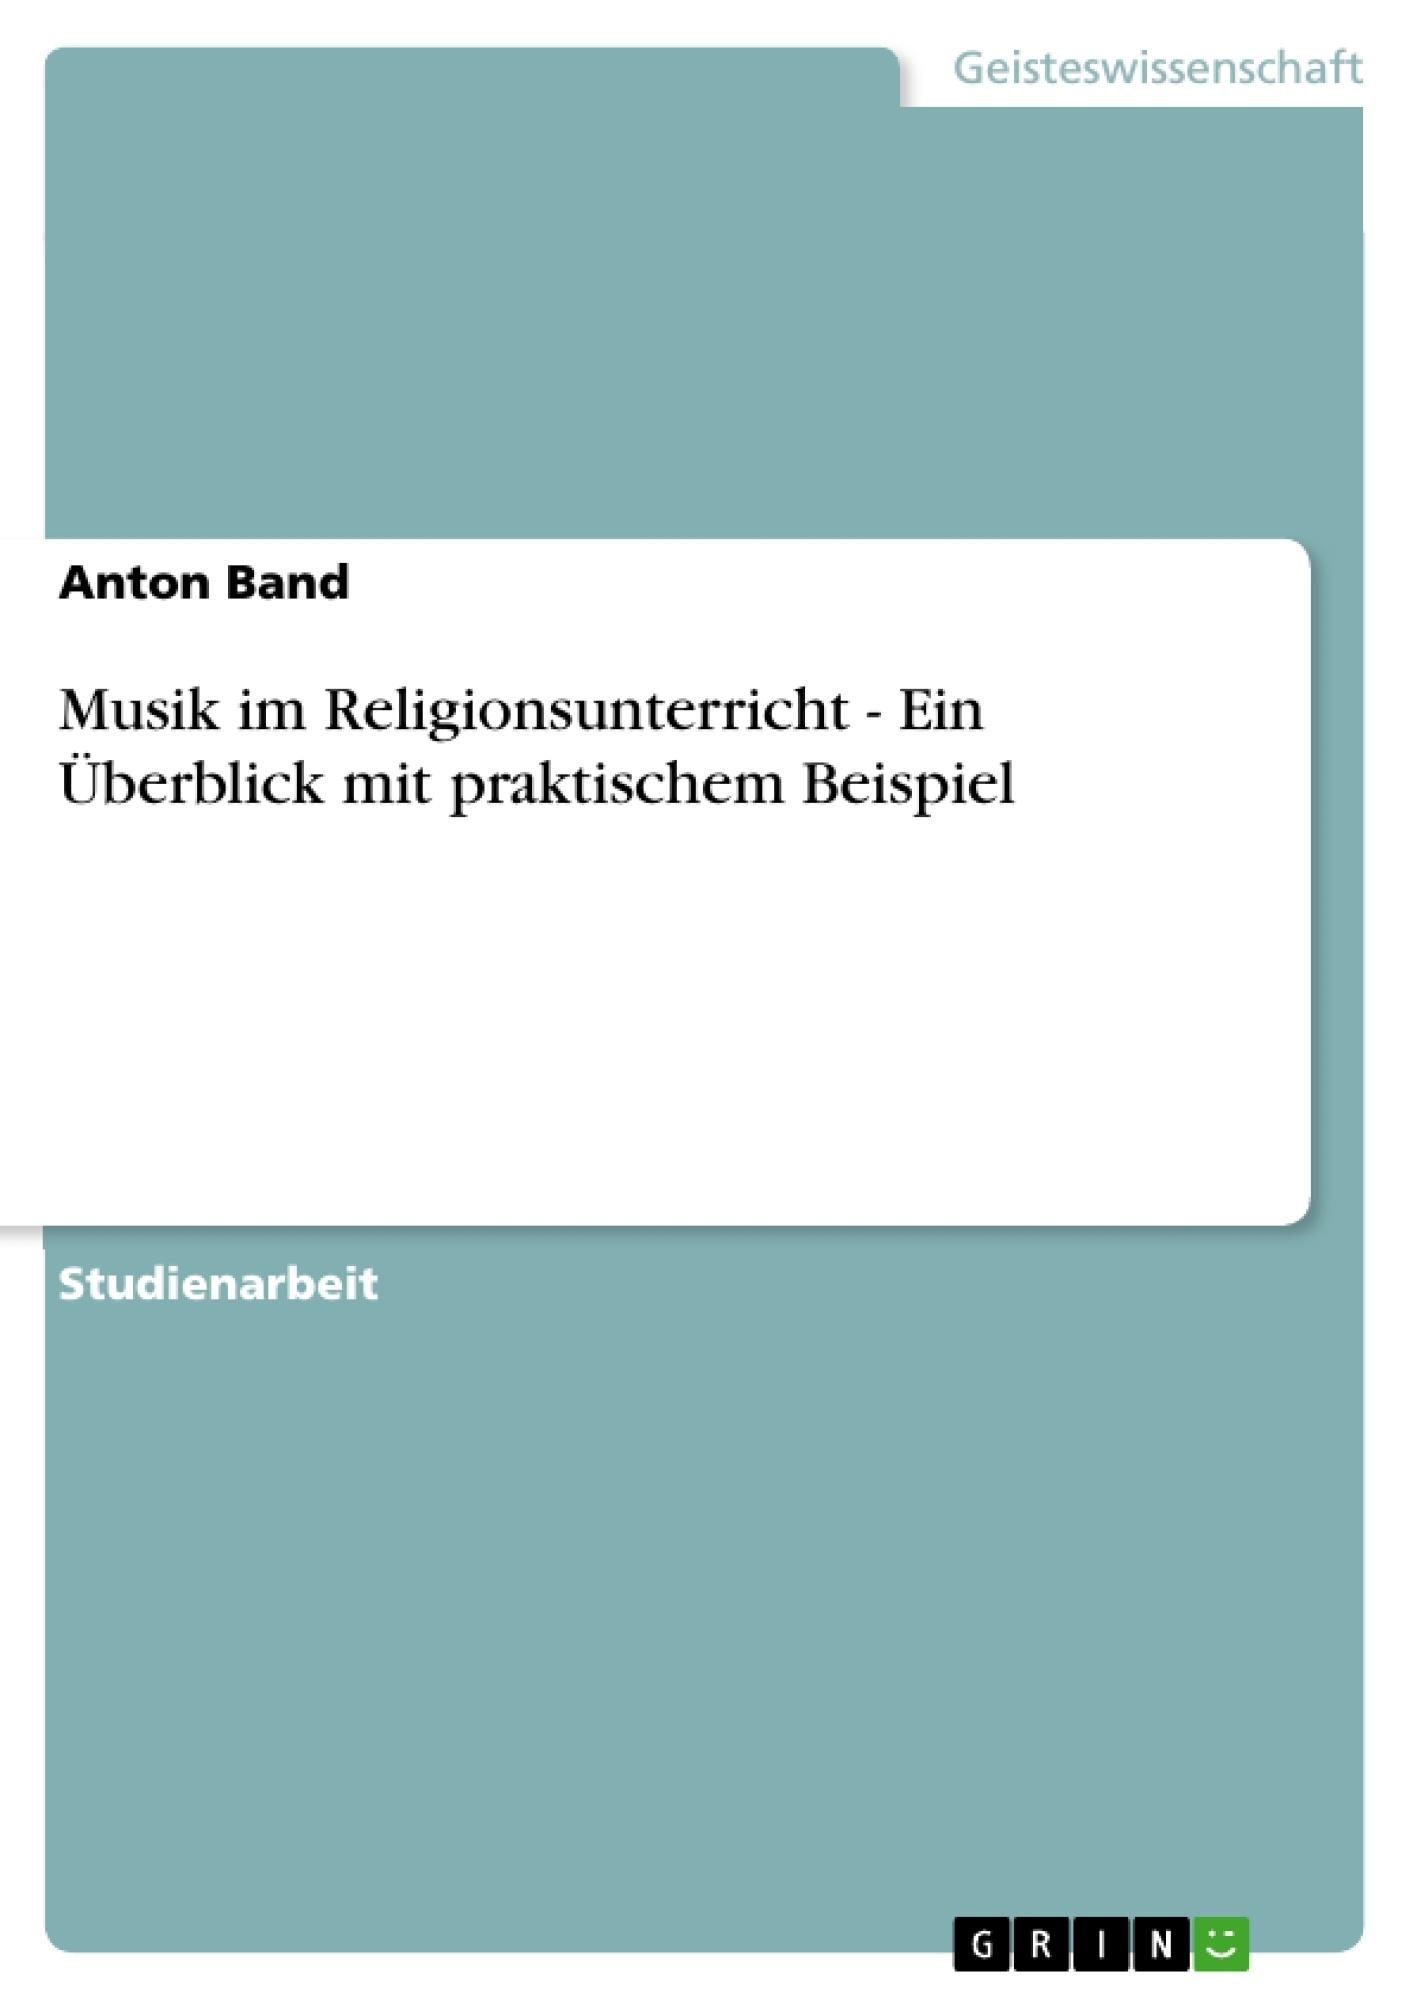 Titel: Musik im Religionsunterricht - Ein Überblick mit praktischem Beispiel